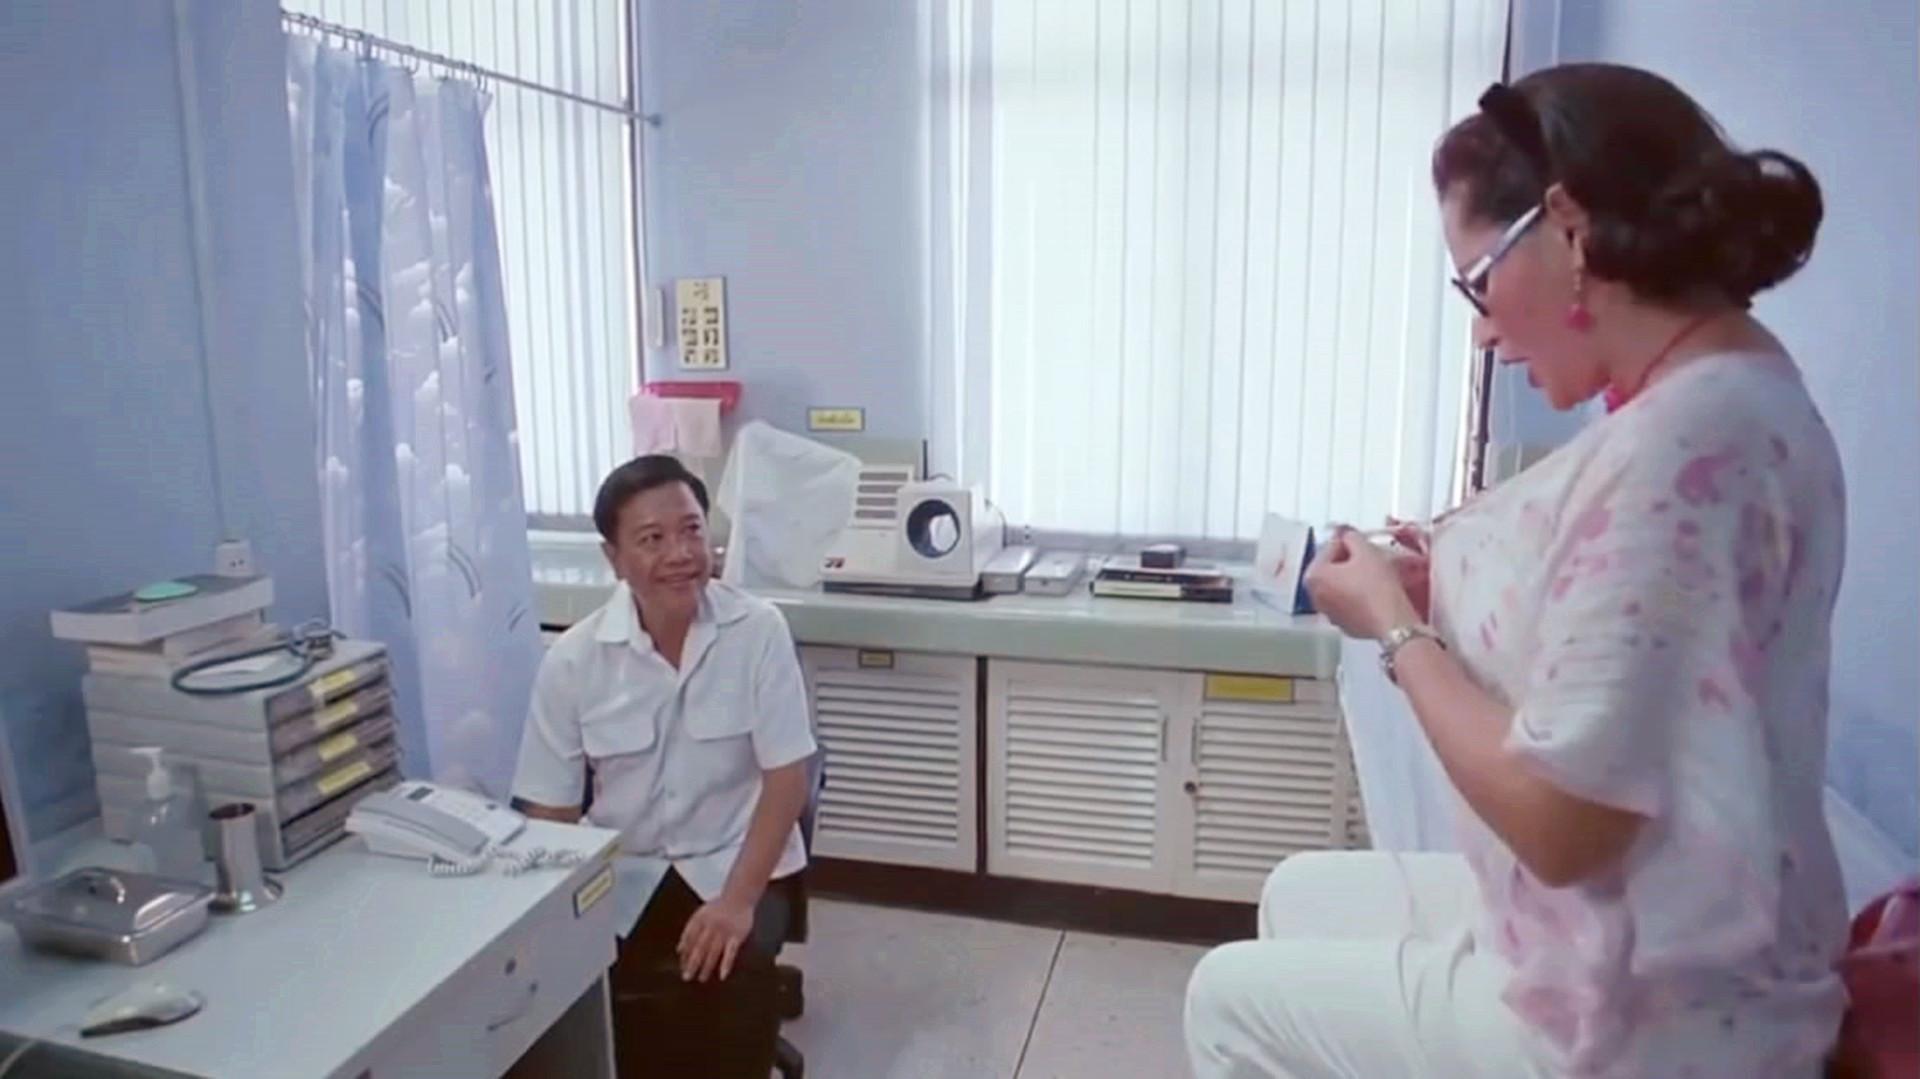 #尴尬#去医院检查胸把修空调的当成了医生,真是太尴尬了!